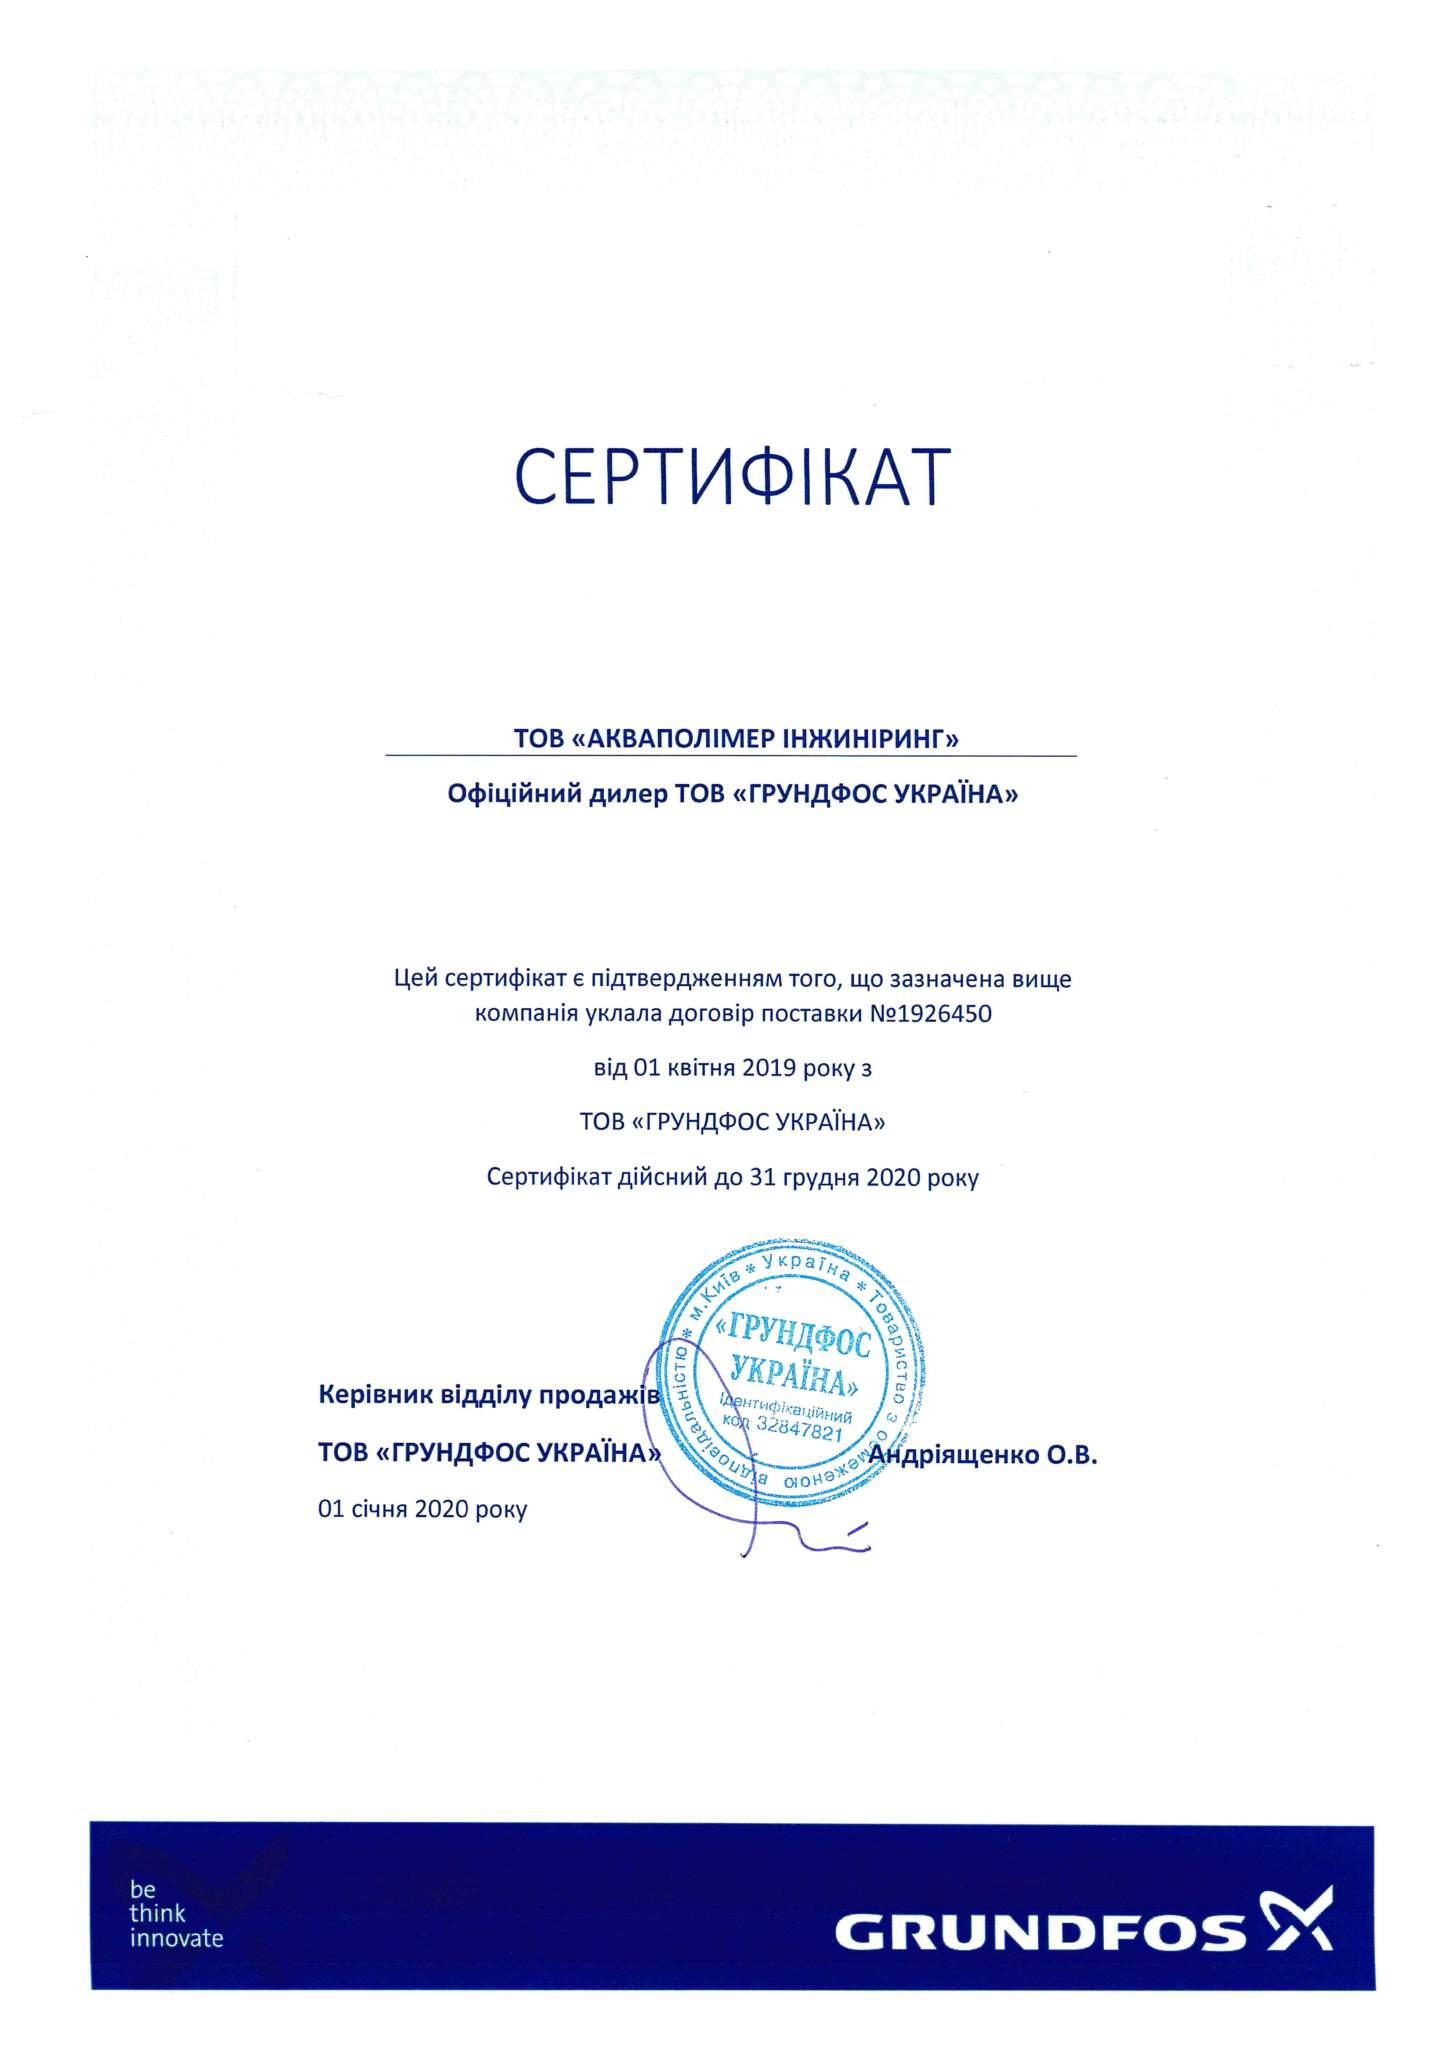 Сертифікат офіційного представника Grundfos (Грунфос), cертифіковані насоси Grundfos